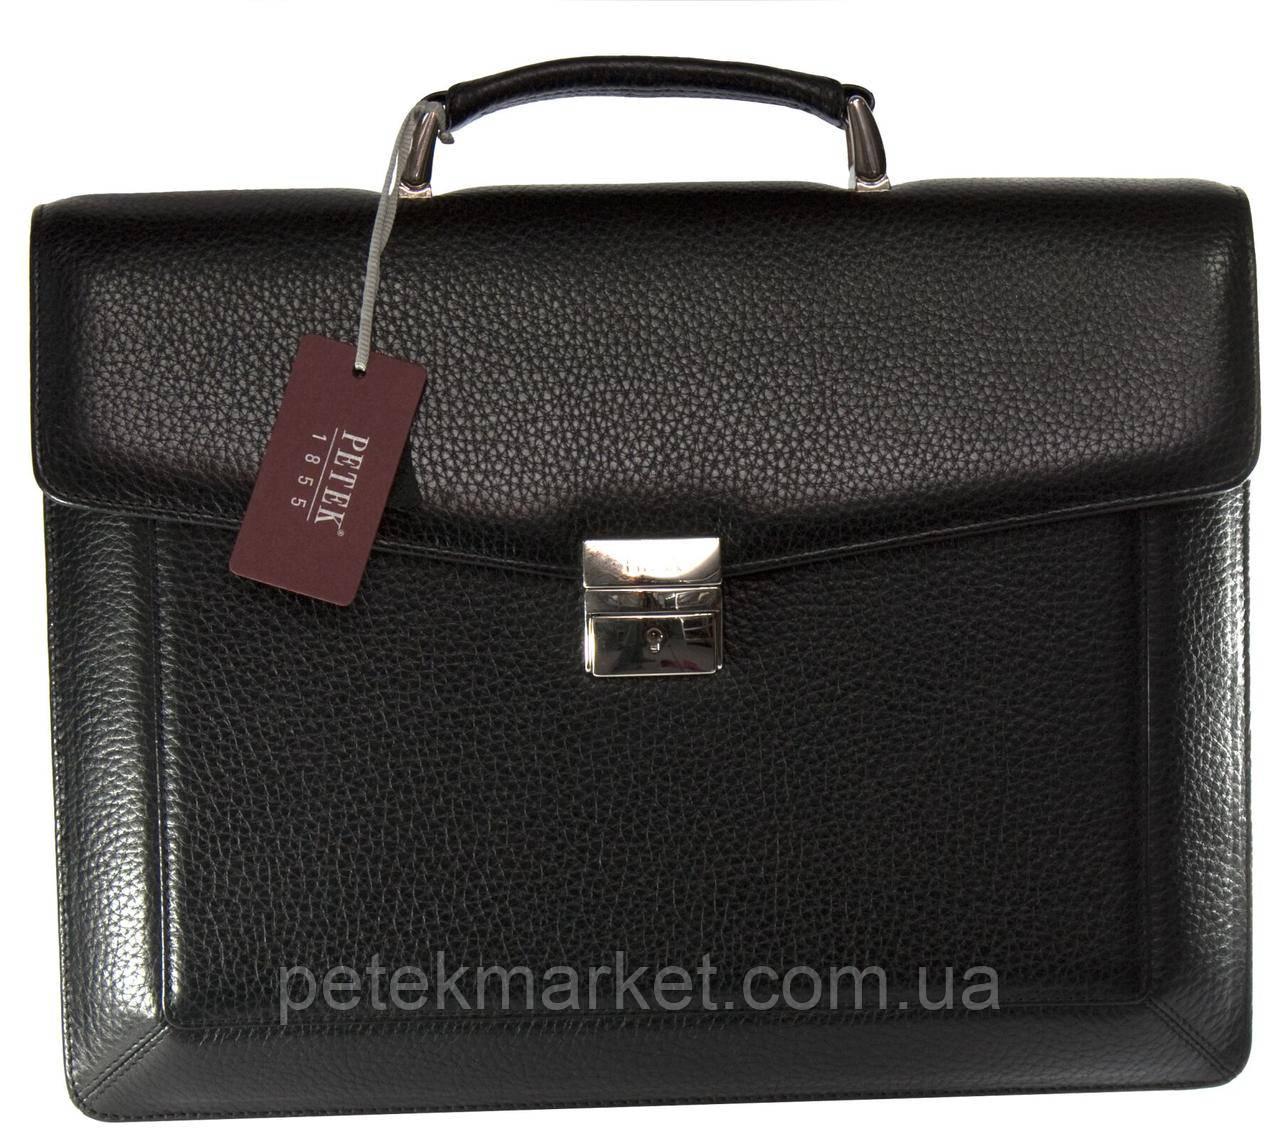 Кожаный портфель Petek 891/1